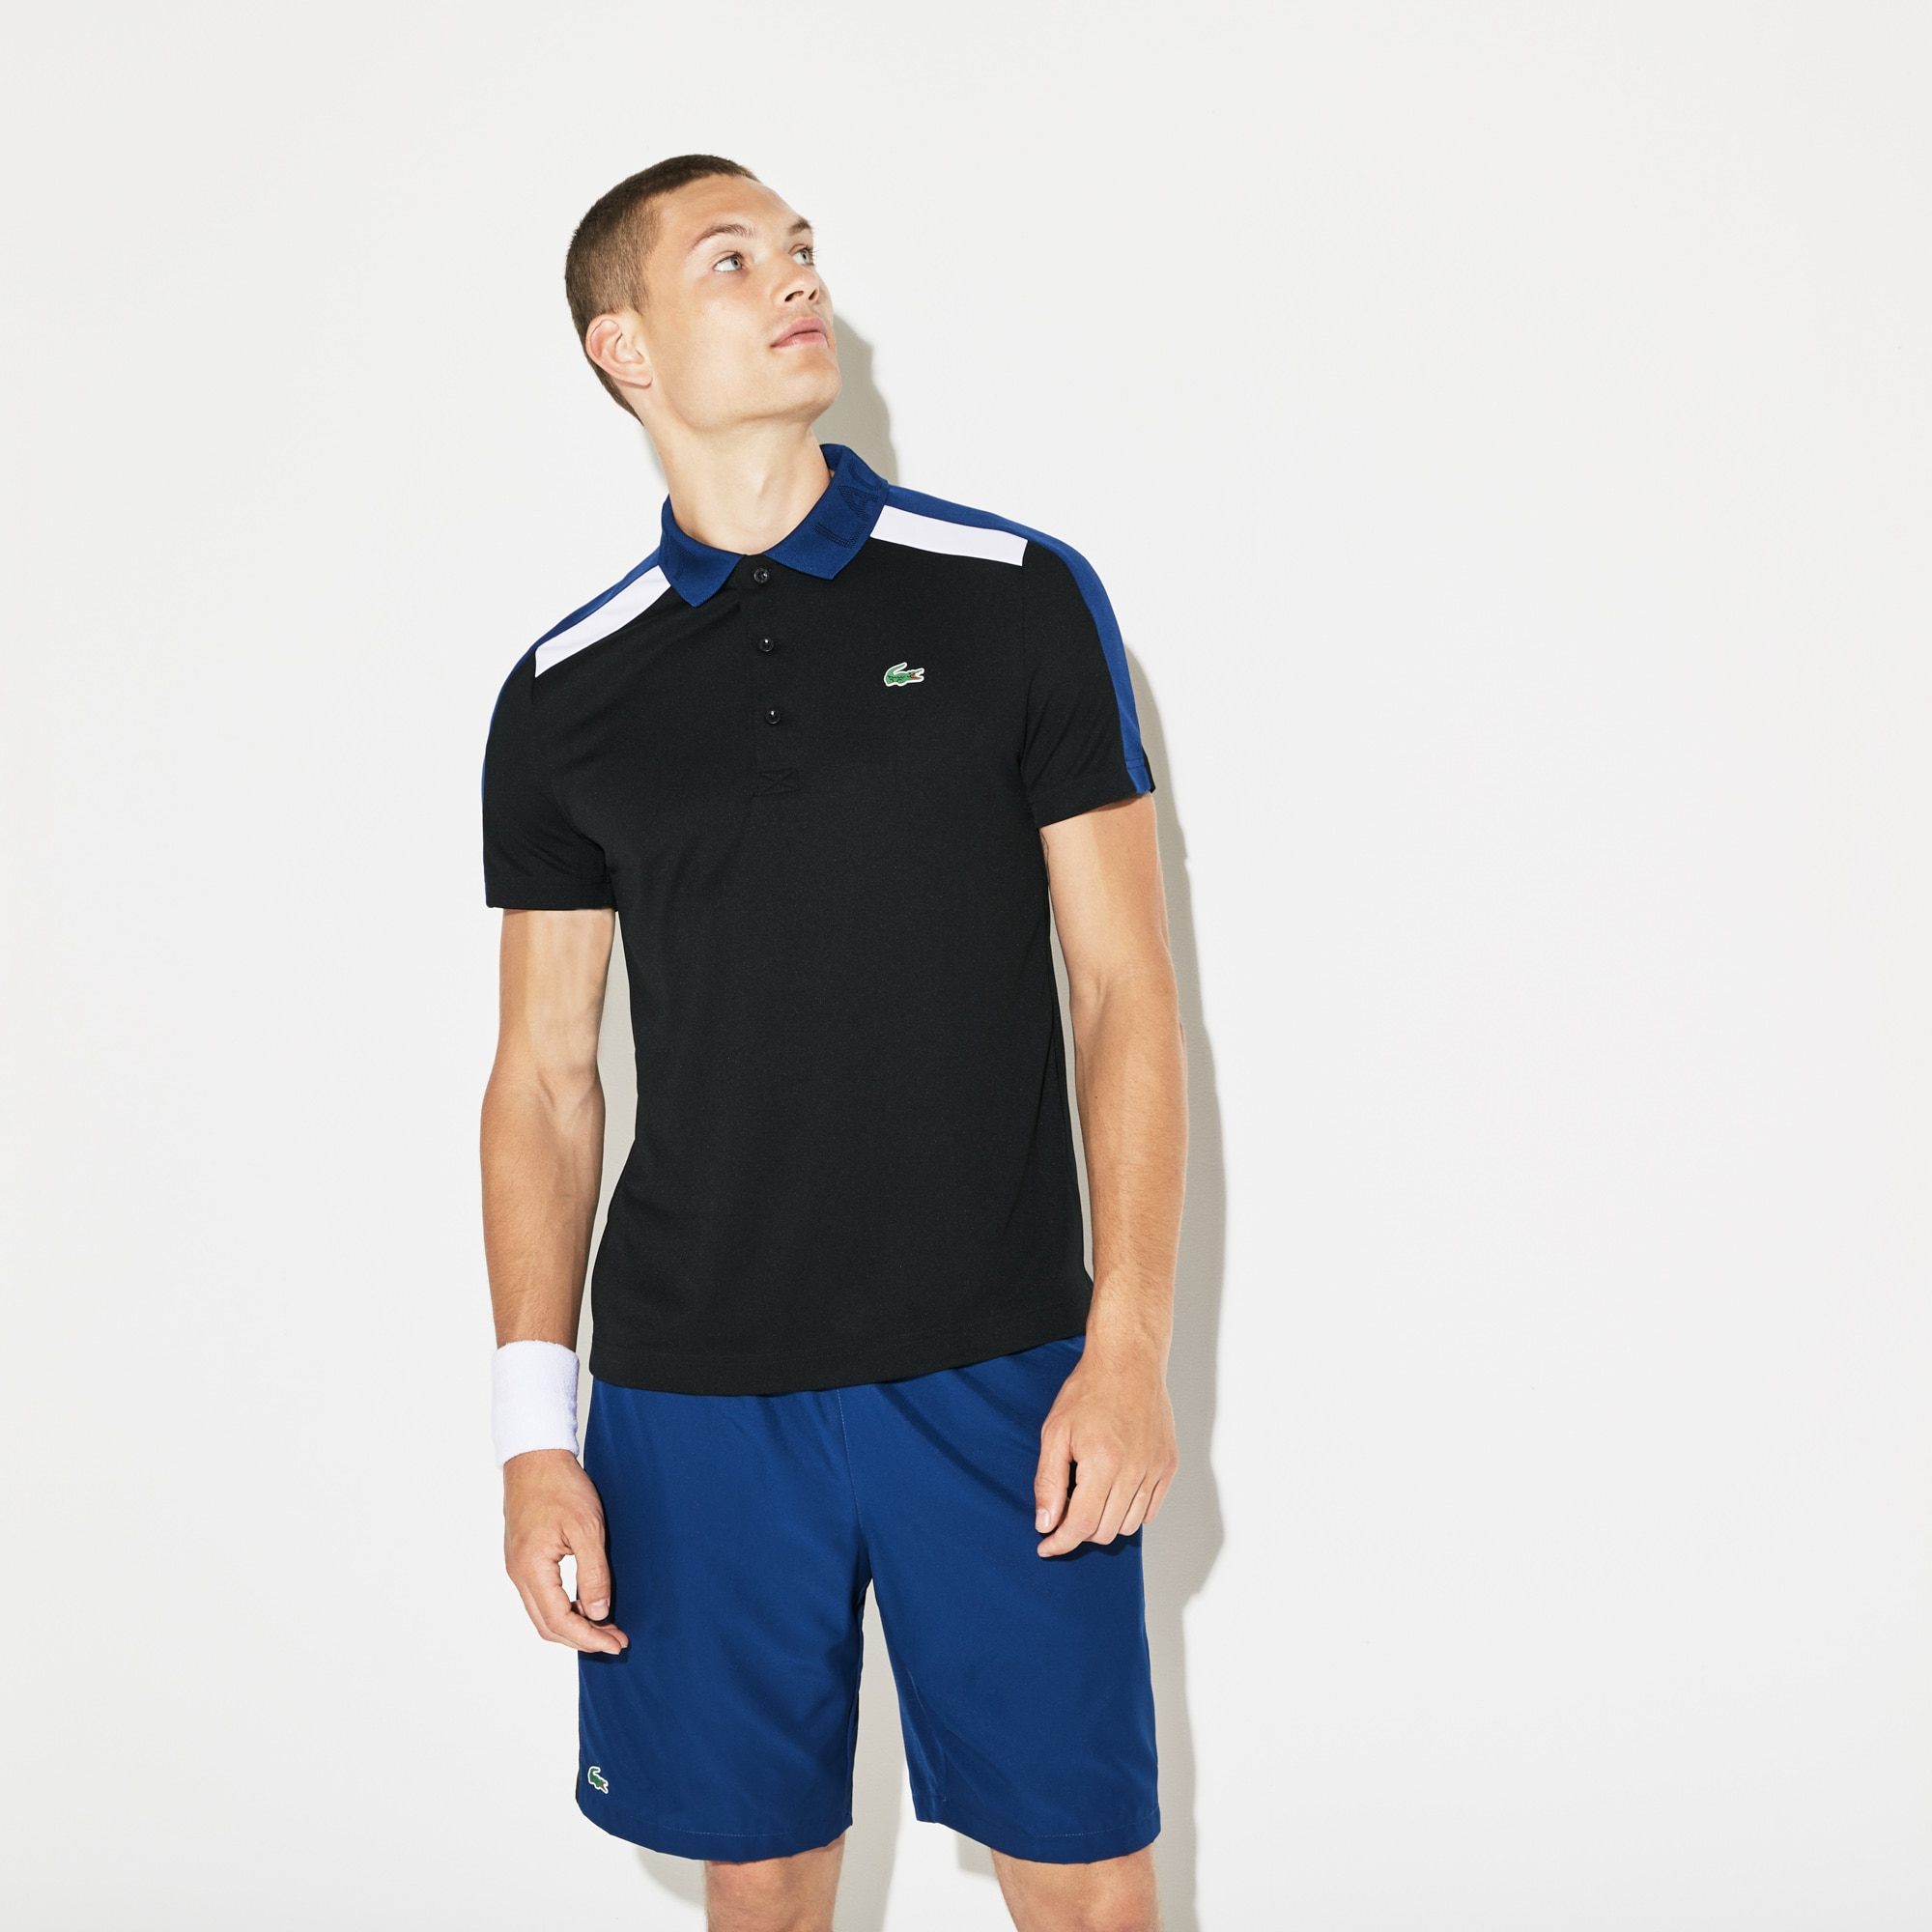 Men's SPORT Contrast Band Technical Piqué Tennis Polo